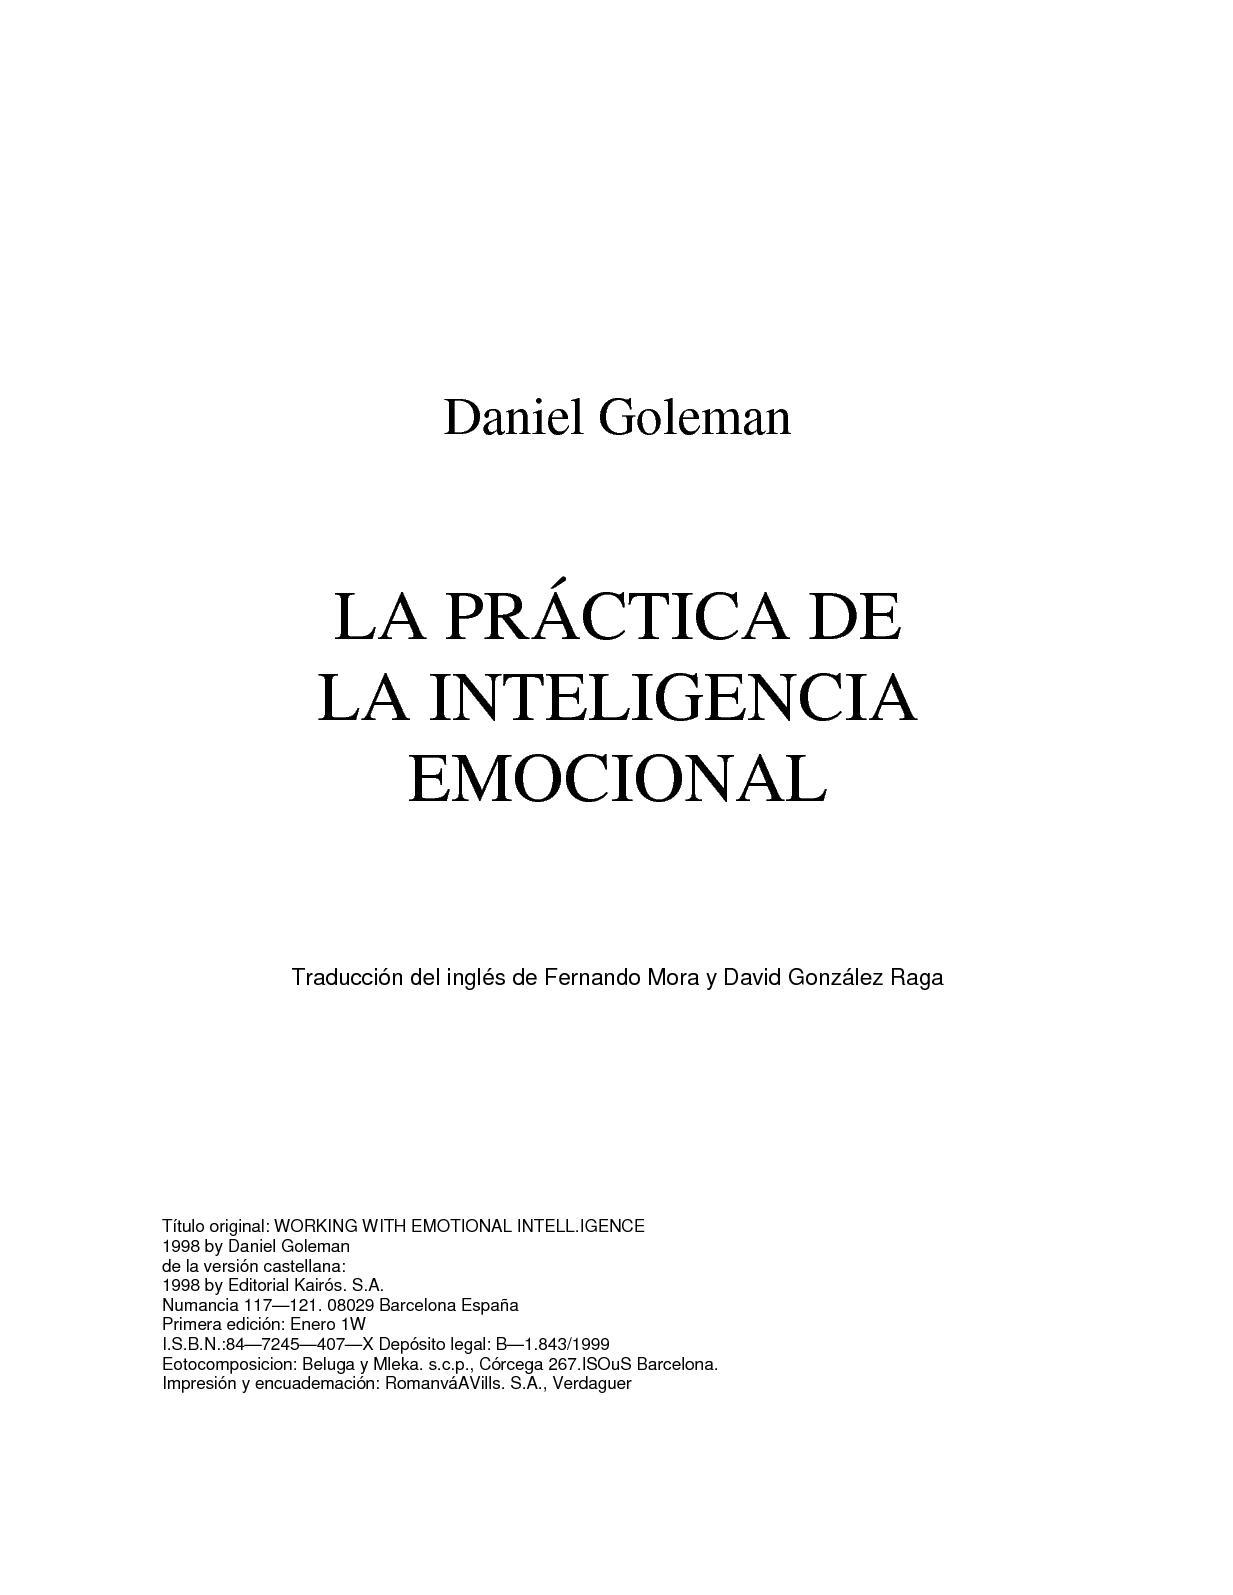 Calaméo - Daniel Goleman La Practica De La Inteligencia Emocional